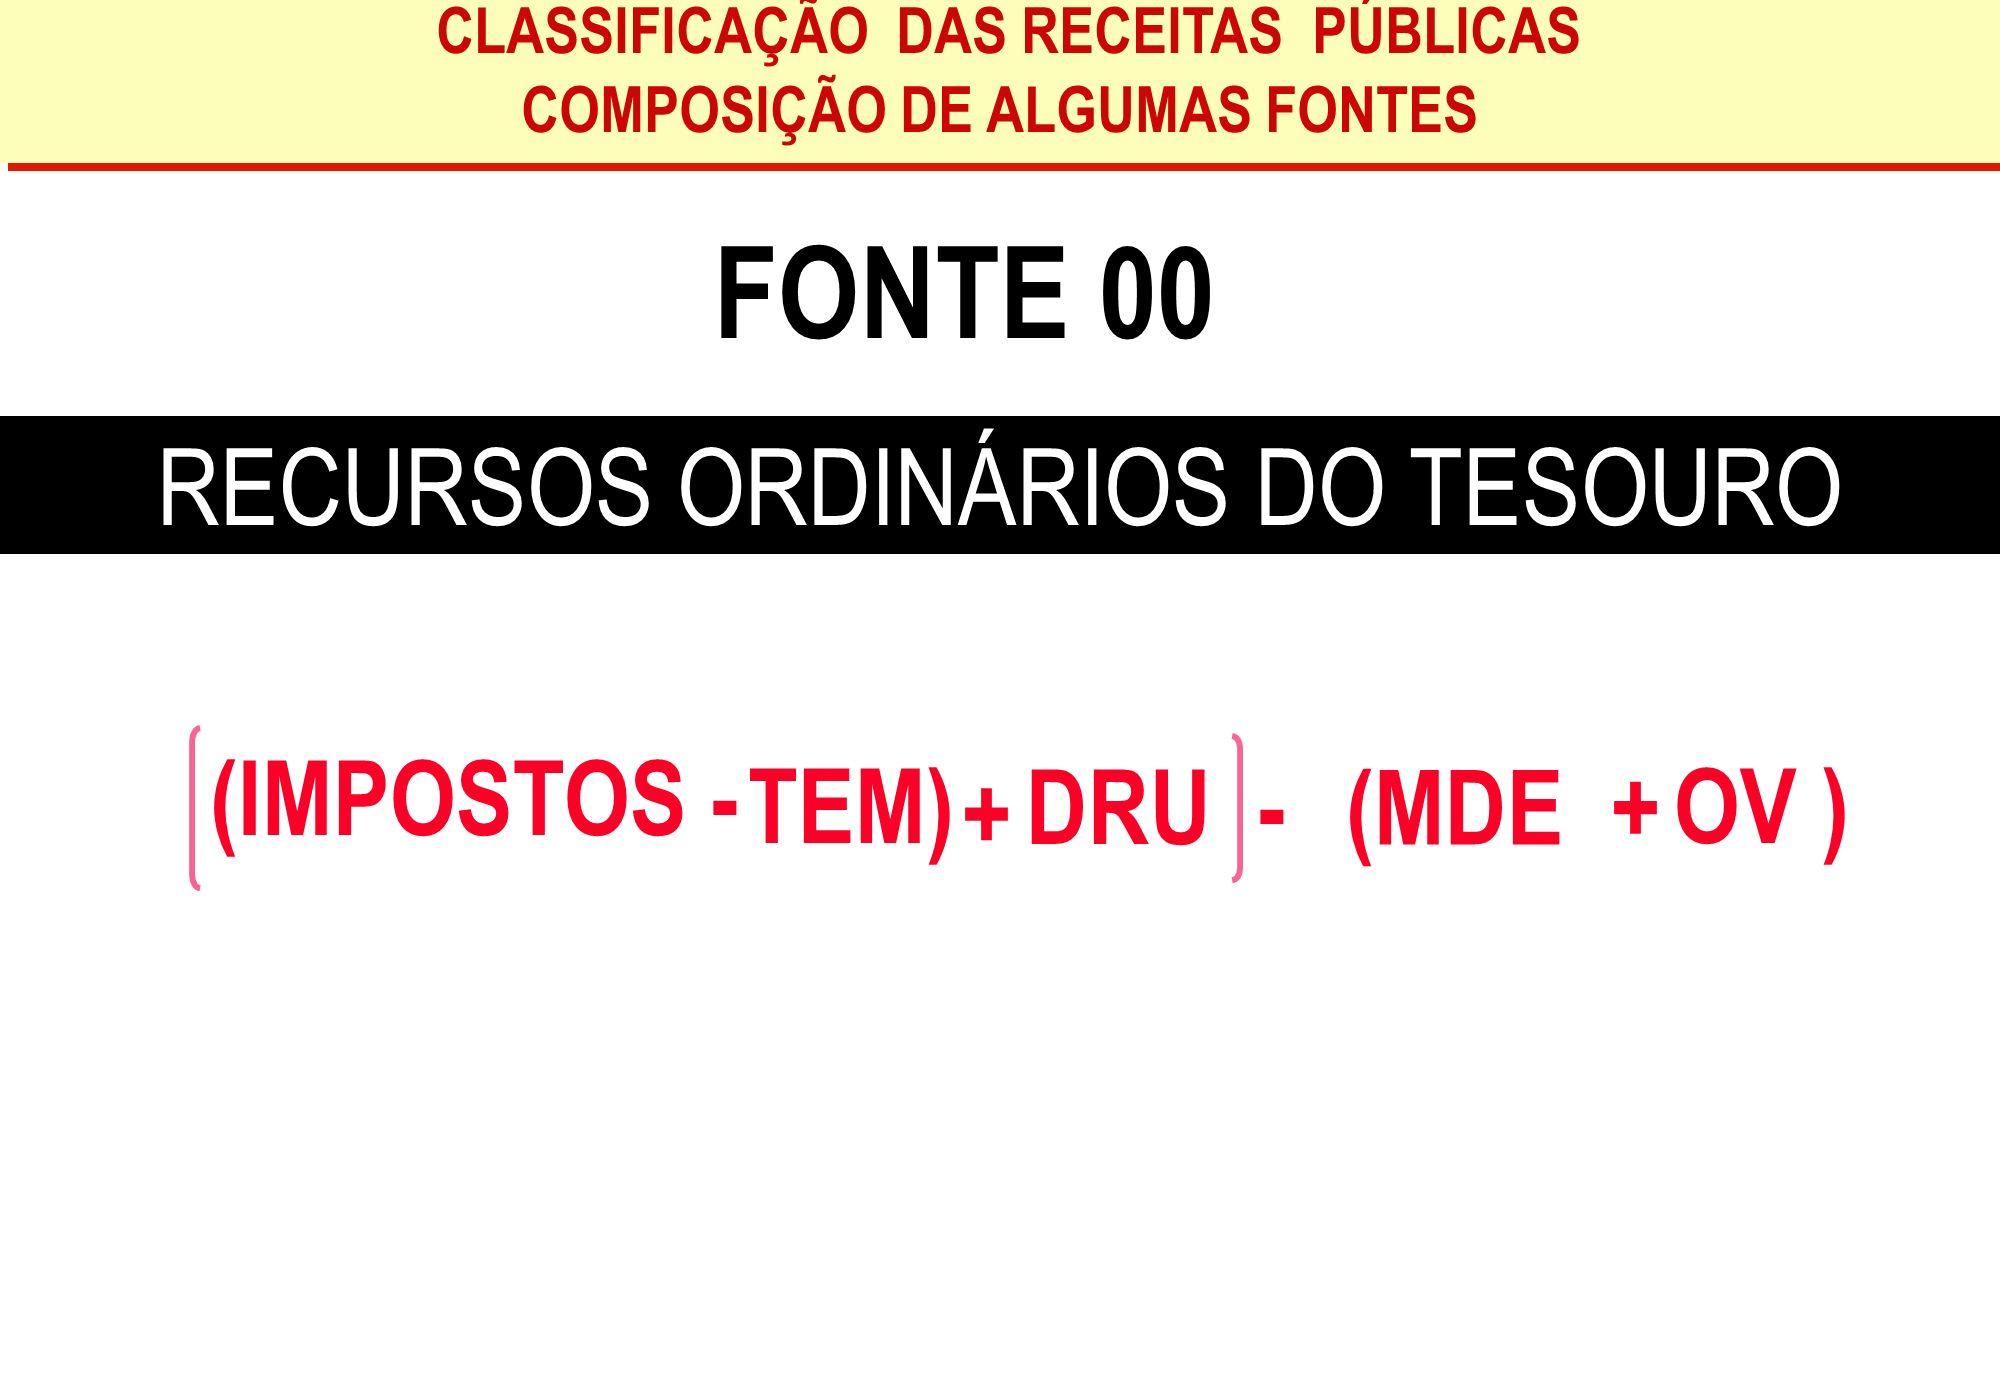 COMPOSIÇÃO DE ALGUMAS FONTES